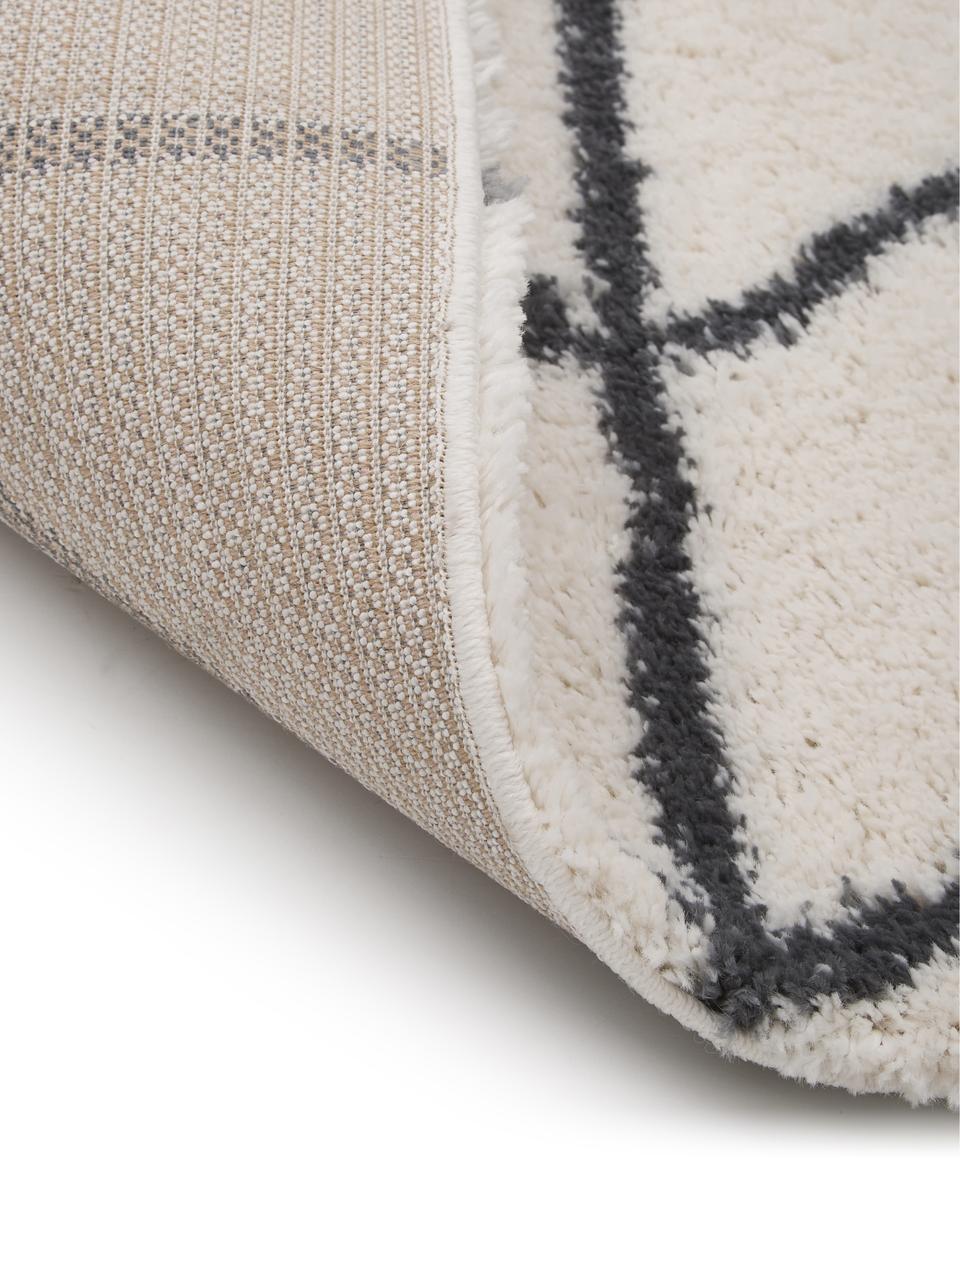 Flauschiger Hochflor-Läufer Cera in Cremeweiß/Dunkelgrau, Flor: 100% Polypropylen, Cremeweiß, Dunkelgrau, 80 x 250 cm